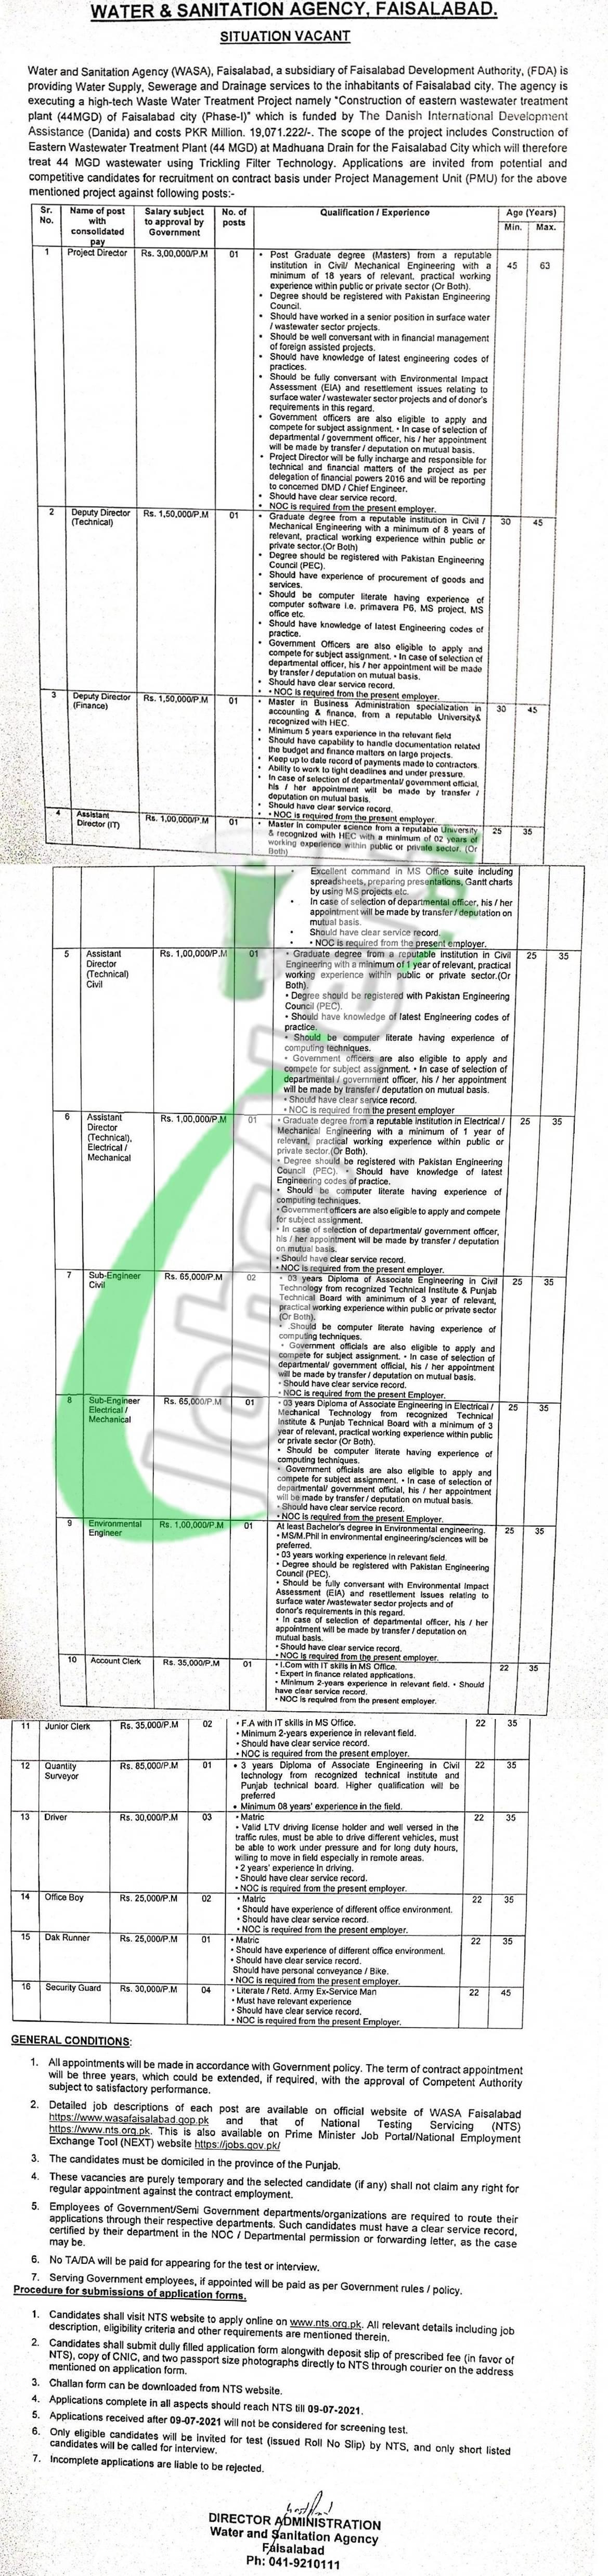 WASA Jobs 2021 Faisalabad